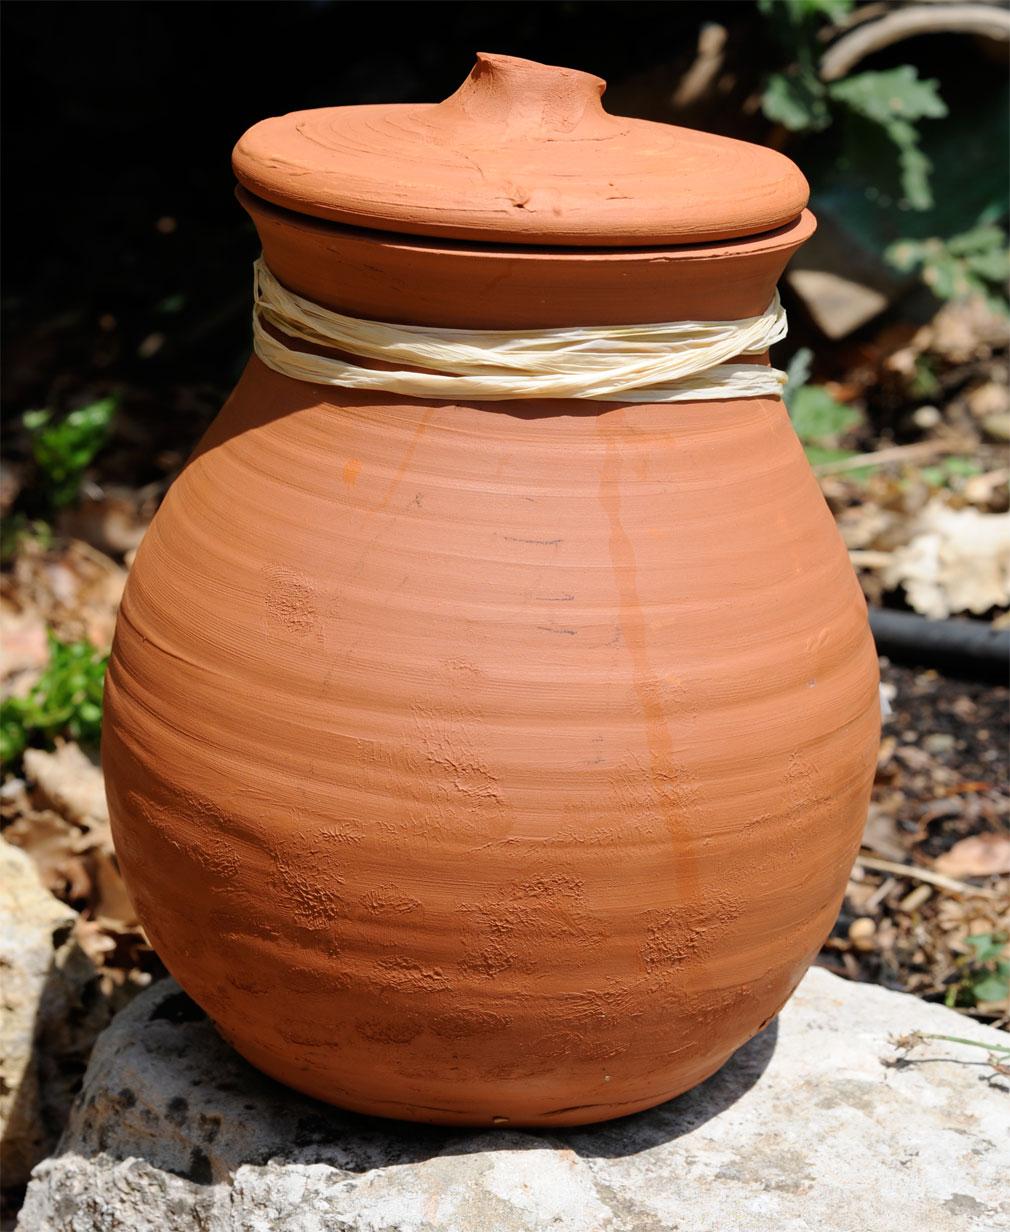 Les Oyas , une poterie poreuse remplie d'eau, placée au pied des plantes afin de diffuser lentement l'humidité nécessaire.